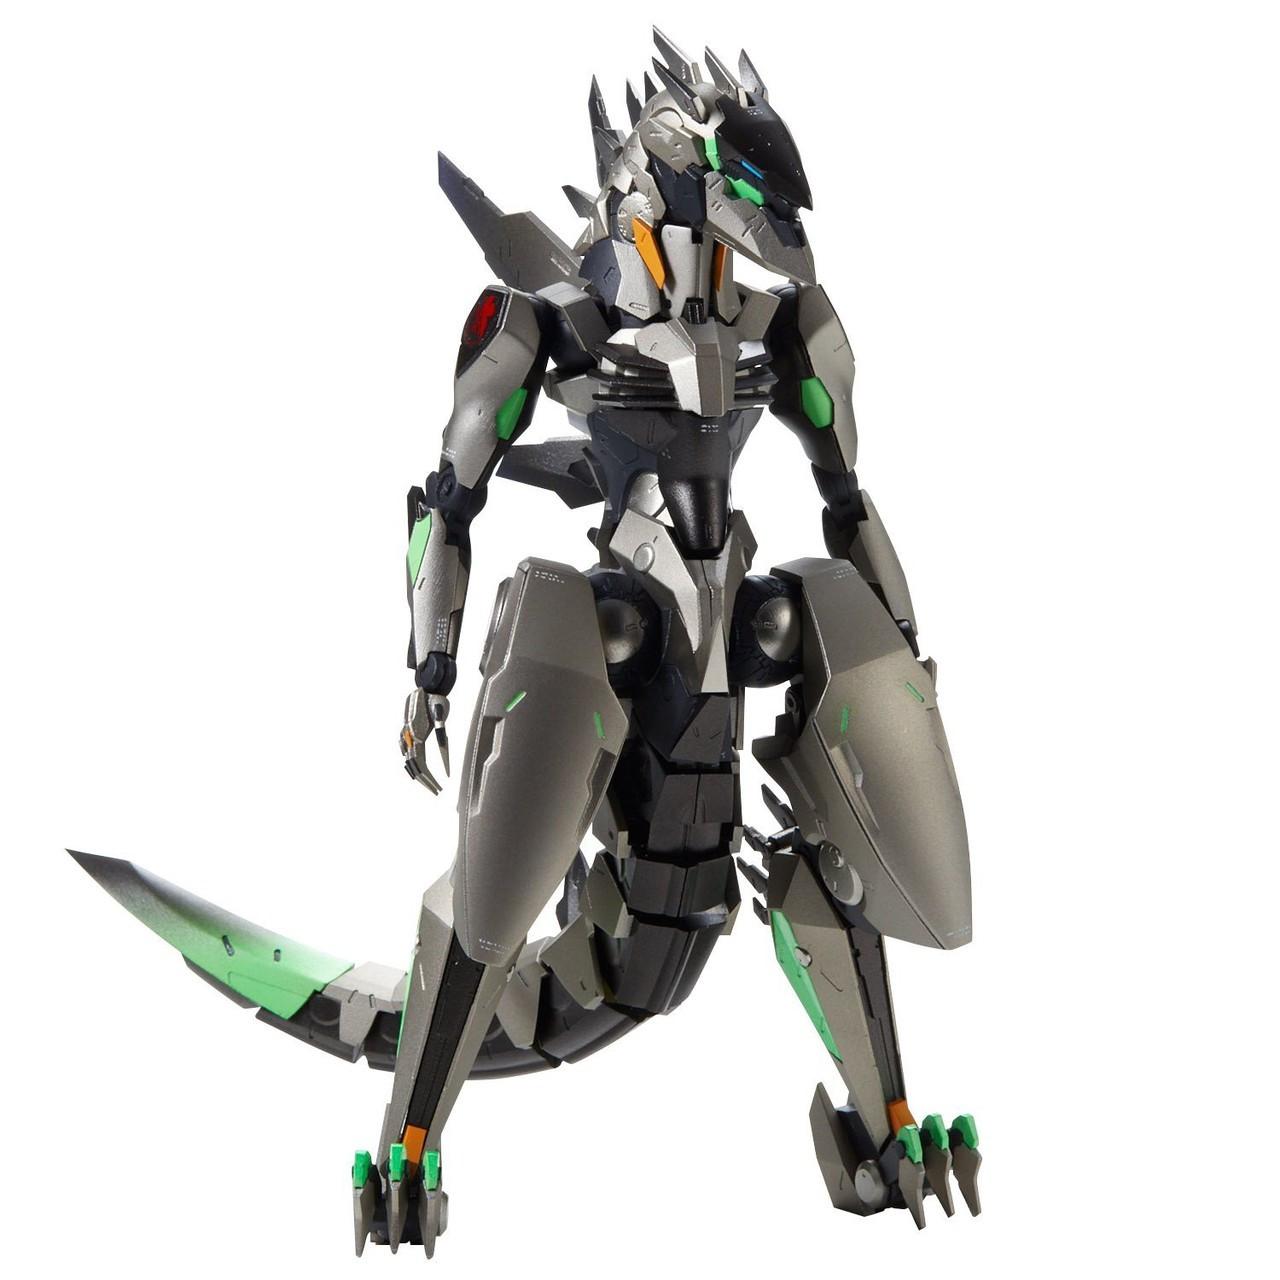 Godzilla vs Evangelion Riobot Shiryu Prototype Unit 01 Action Figure